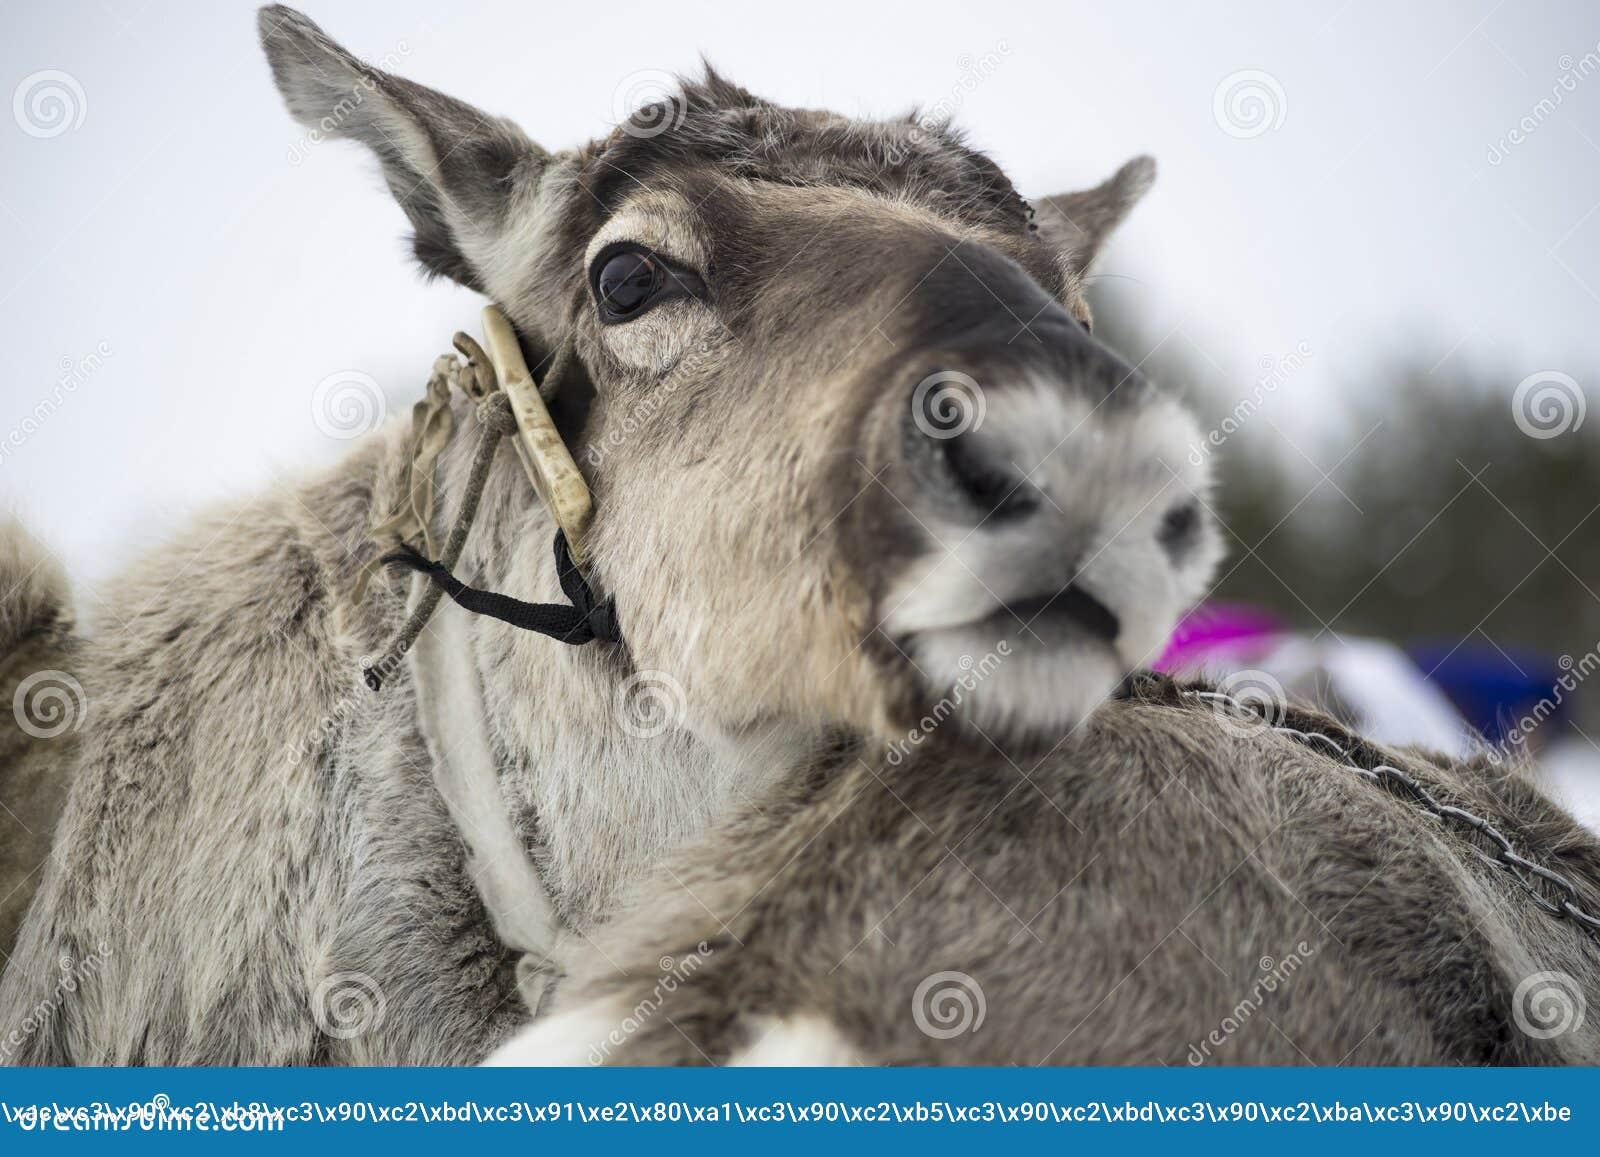 Download 驯鹿 库存图片. 图片 包括有 敌意, 驯鹿, 眼睛, 头发, 查找, 注意, 谨慎, 本质, 耳朵, 配置文件 - 50682107